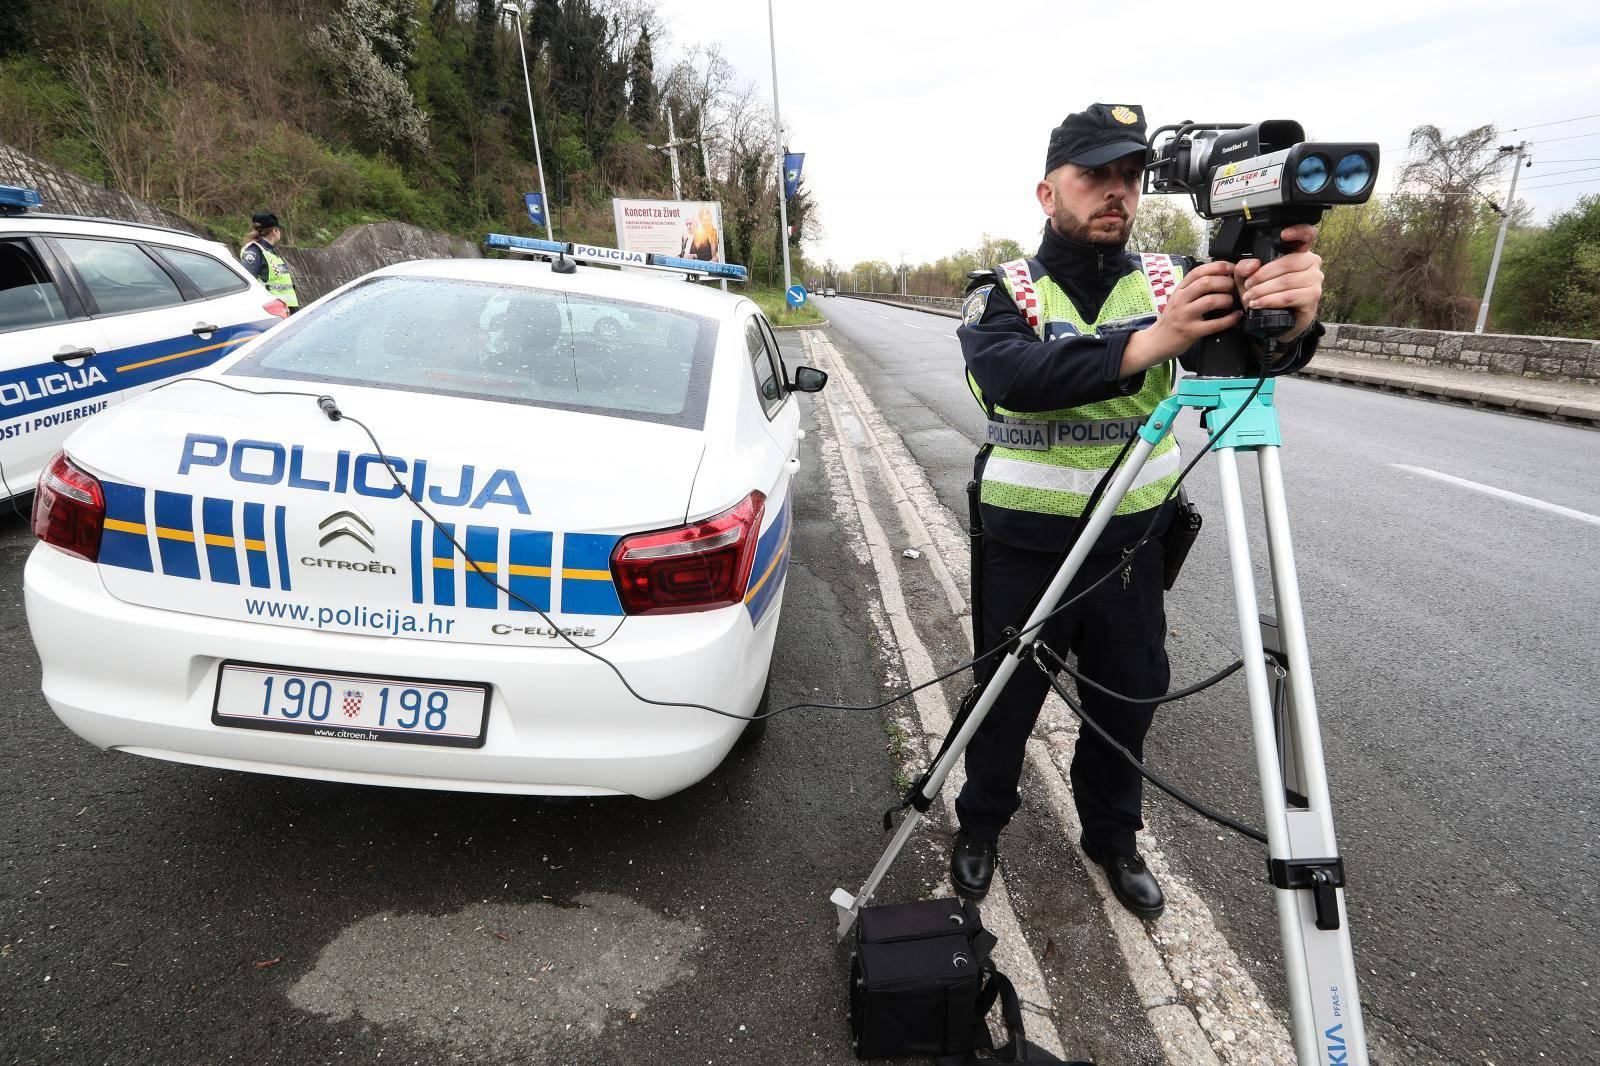 Tijekom vikenda u Zagrebu čak 1002 prometna prekršaja